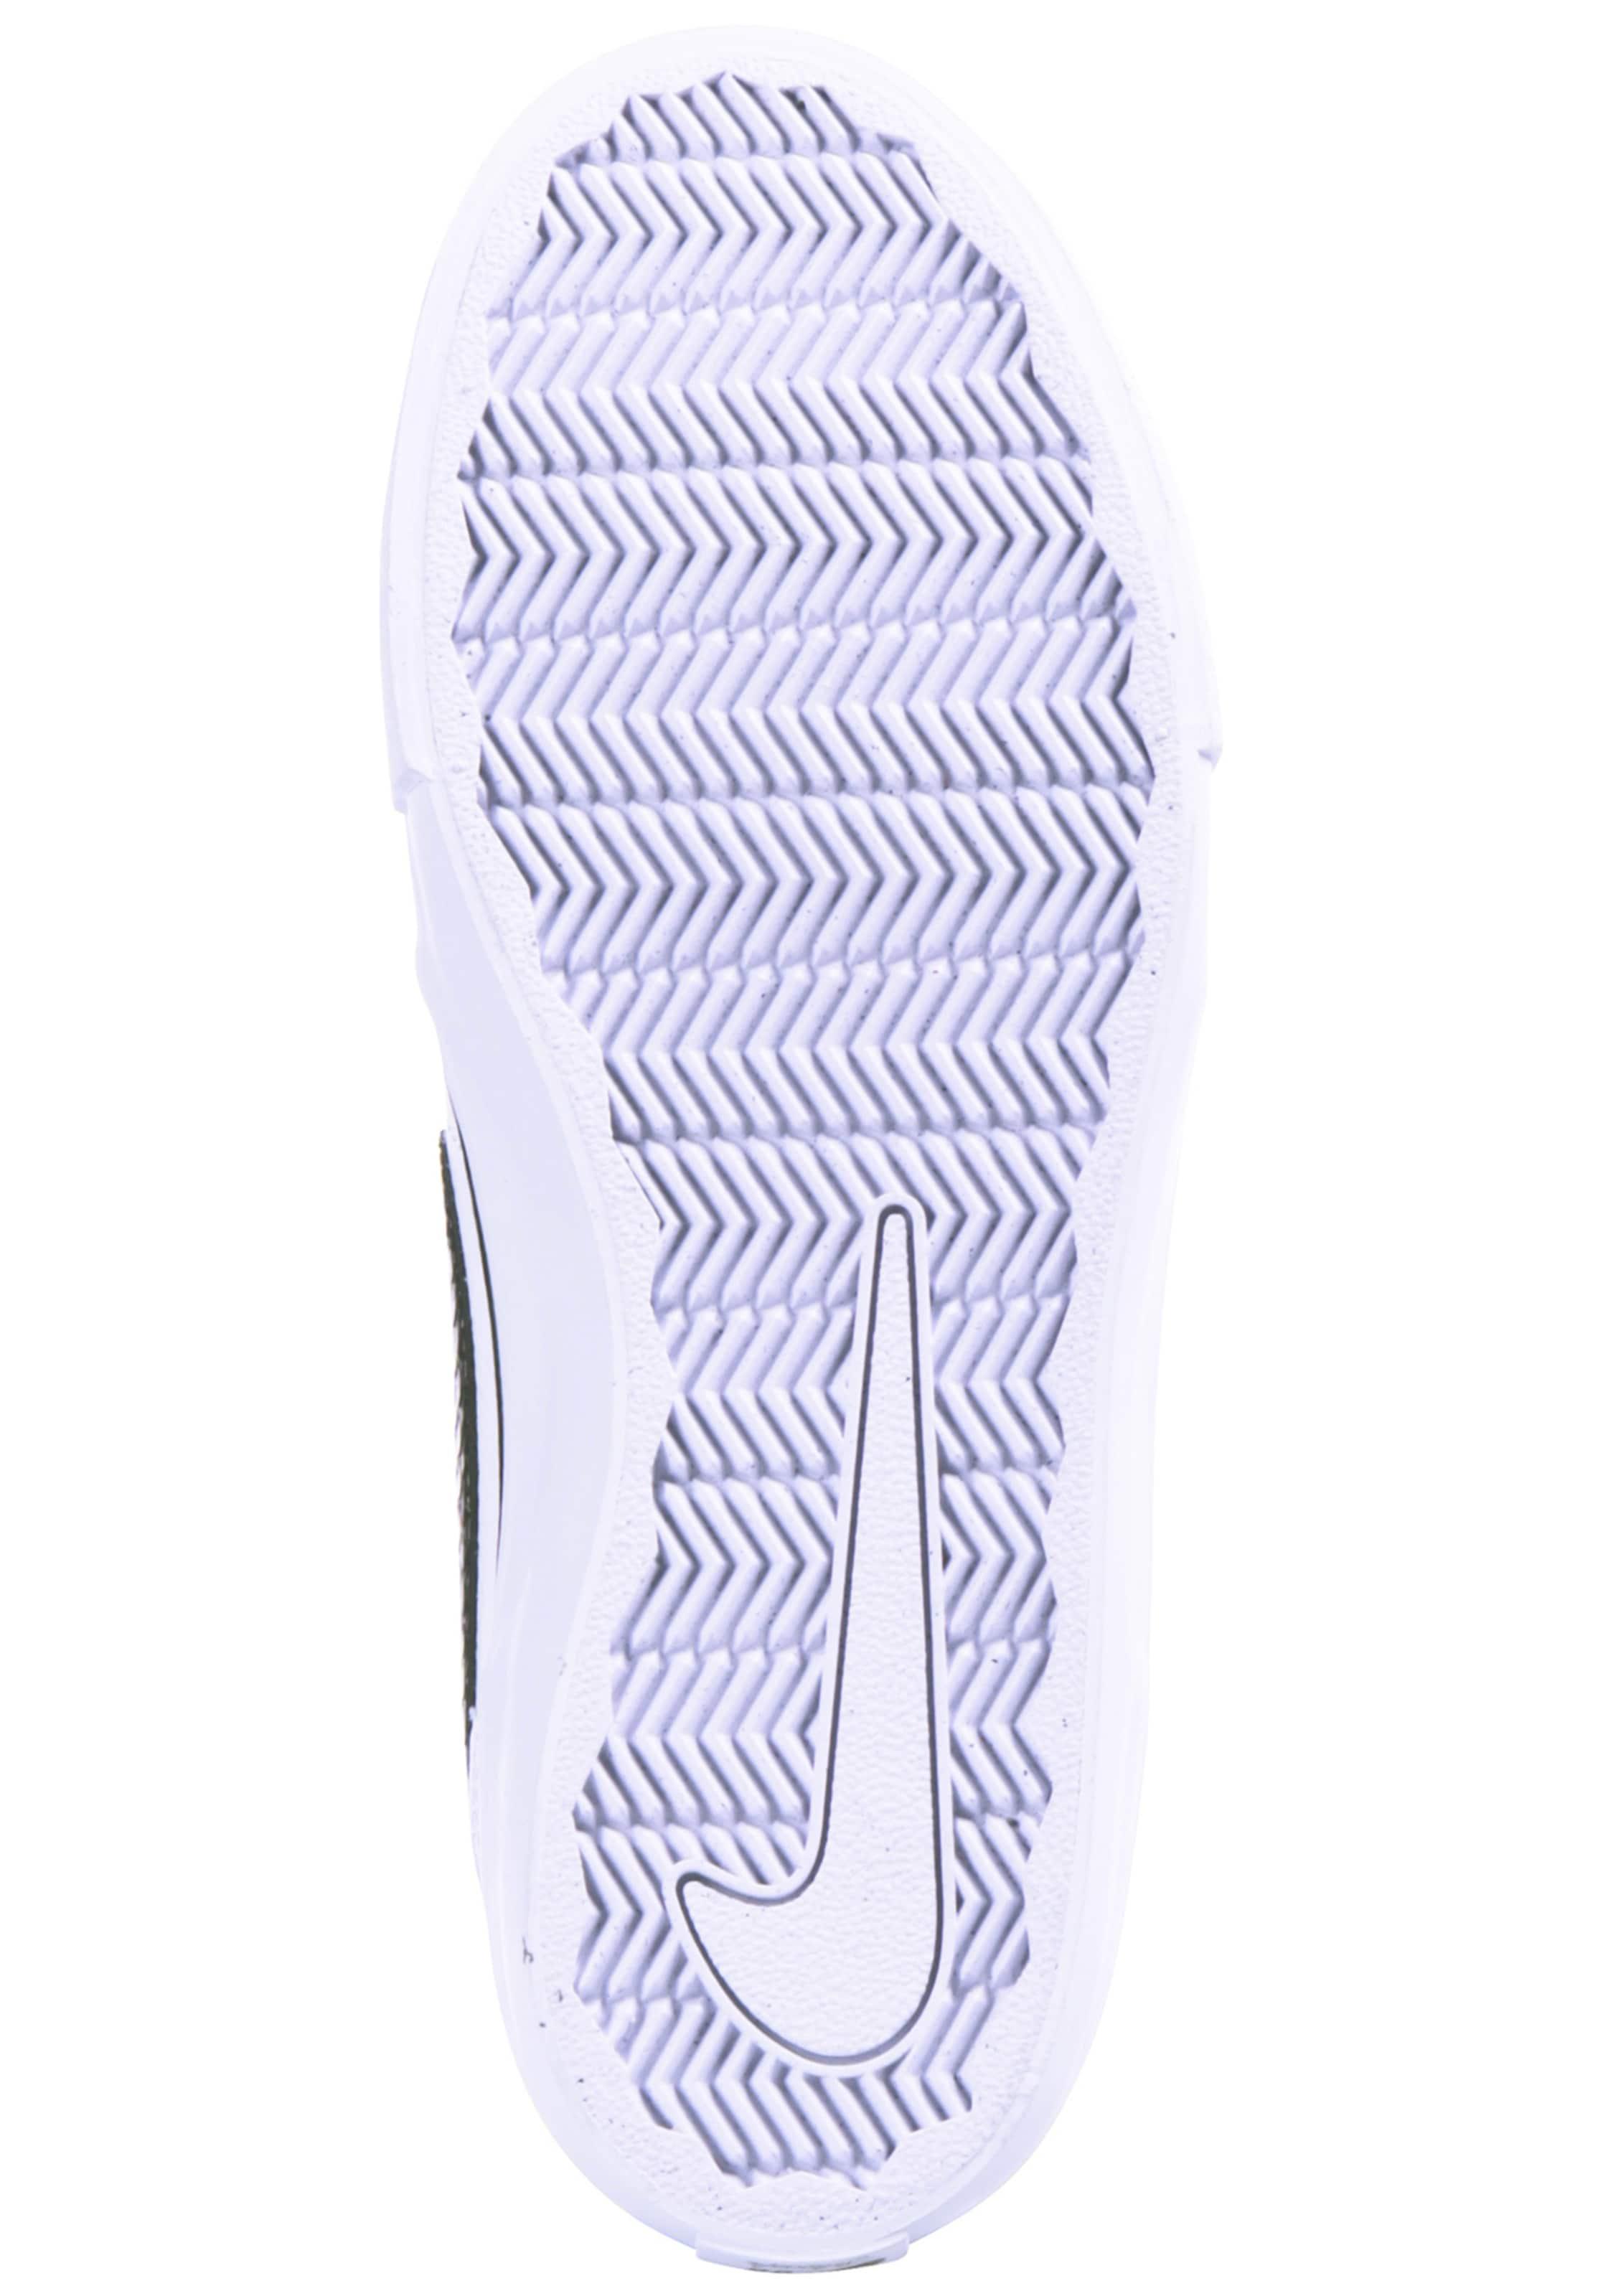 Nike SB Turnschuhe 'Portmore II Solar Solar Solar P Leder Wilde Freizeitschuhe 0a9f40